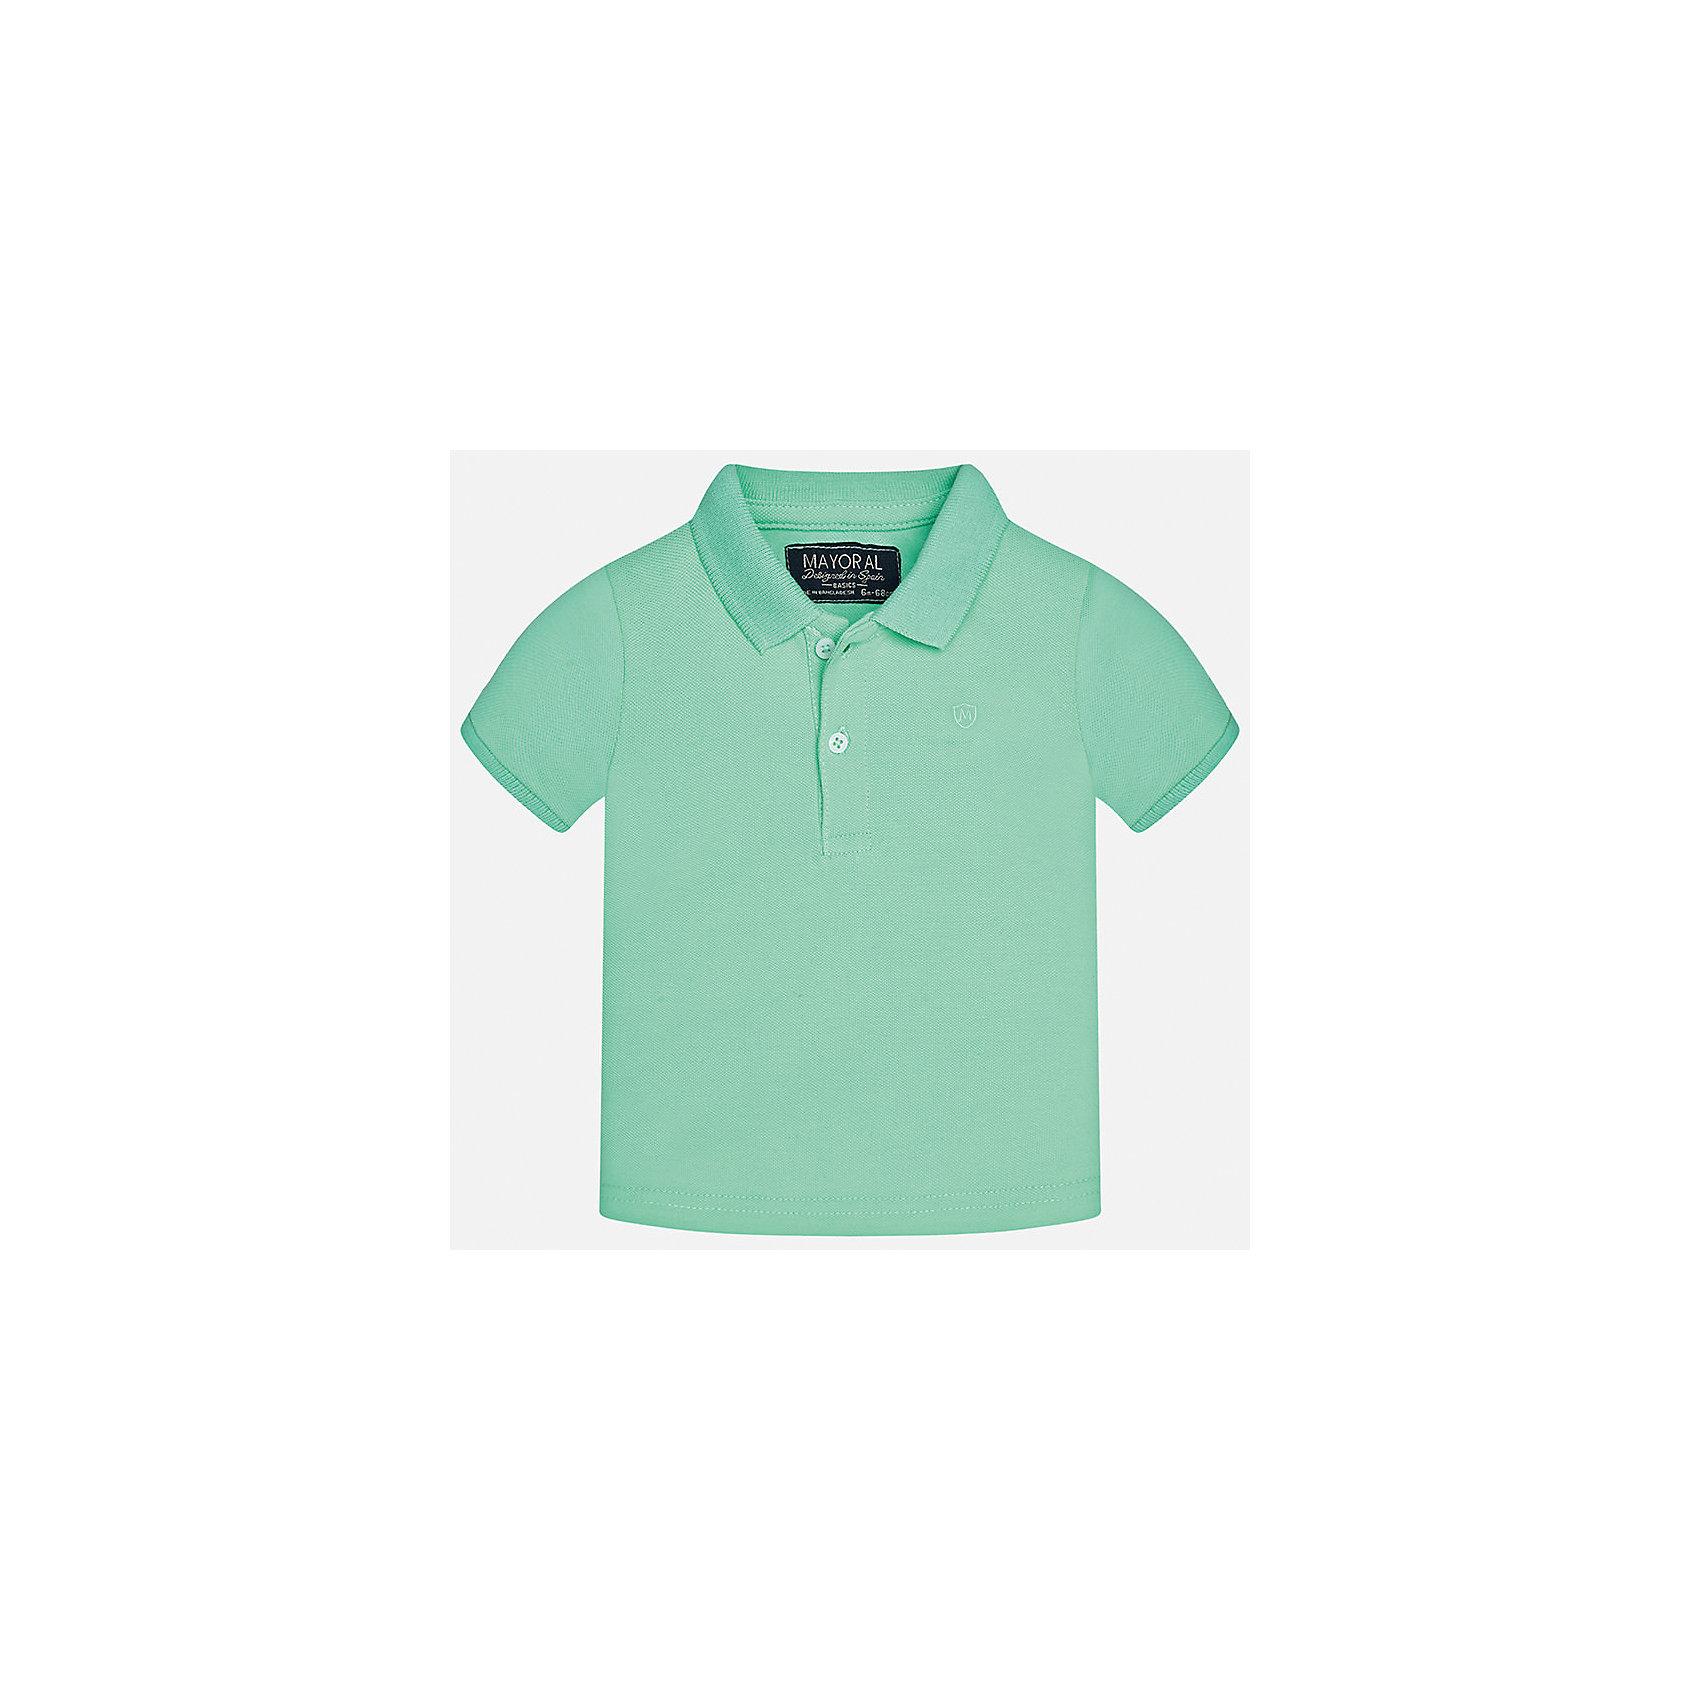 Футболка-поло для мальчика MayoralФутболки, поло и топы<br>Характеристики товара:<br><br>• цвет: зеленый<br>• состав: 100% хлопок<br>• отложной воротник<br>• короткие рукава<br>• застежка: пуговицы<br>• вышивка на груди<br>• страна бренда: Испания<br><br>Удобная и модная футболка-поло для мальчика может стать базовой вещью в гардеробе ребенка. Она отлично сочетается с брюками, шортами, джинсами и т.д. Универсальный крой и цвет позволяет подобрать к вещи низ разных расцветок. Практичное и стильное изделие! В составе материала - только натуральный хлопок, гипоаллергенный, приятный на ощупь, дышащий.<br><br>Одежда, обувь и аксессуары от испанского бренда Mayoral полюбились детям и взрослым по всему миру. Модели этой марки - стильные и удобные. Для их производства используются только безопасные, качественные материалы и фурнитура. Порадуйте ребенка модными и красивыми вещами от Mayoral! <br><br>Футболку-поло для мальчика от испанского бренда Mayoral (Майорал) можно купить в нашем интернет-магазине.<br><br>Ширина мм: 230<br>Глубина мм: 40<br>Высота мм: 220<br>Вес г: 250<br>Цвет: зеленый<br>Возраст от месяцев: 6<br>Возраст до месяцев: 9<br>Пол: Мужской<br>Возраст: Детский<br>Размер: 74,92,86,80<br>SKU: 5277658